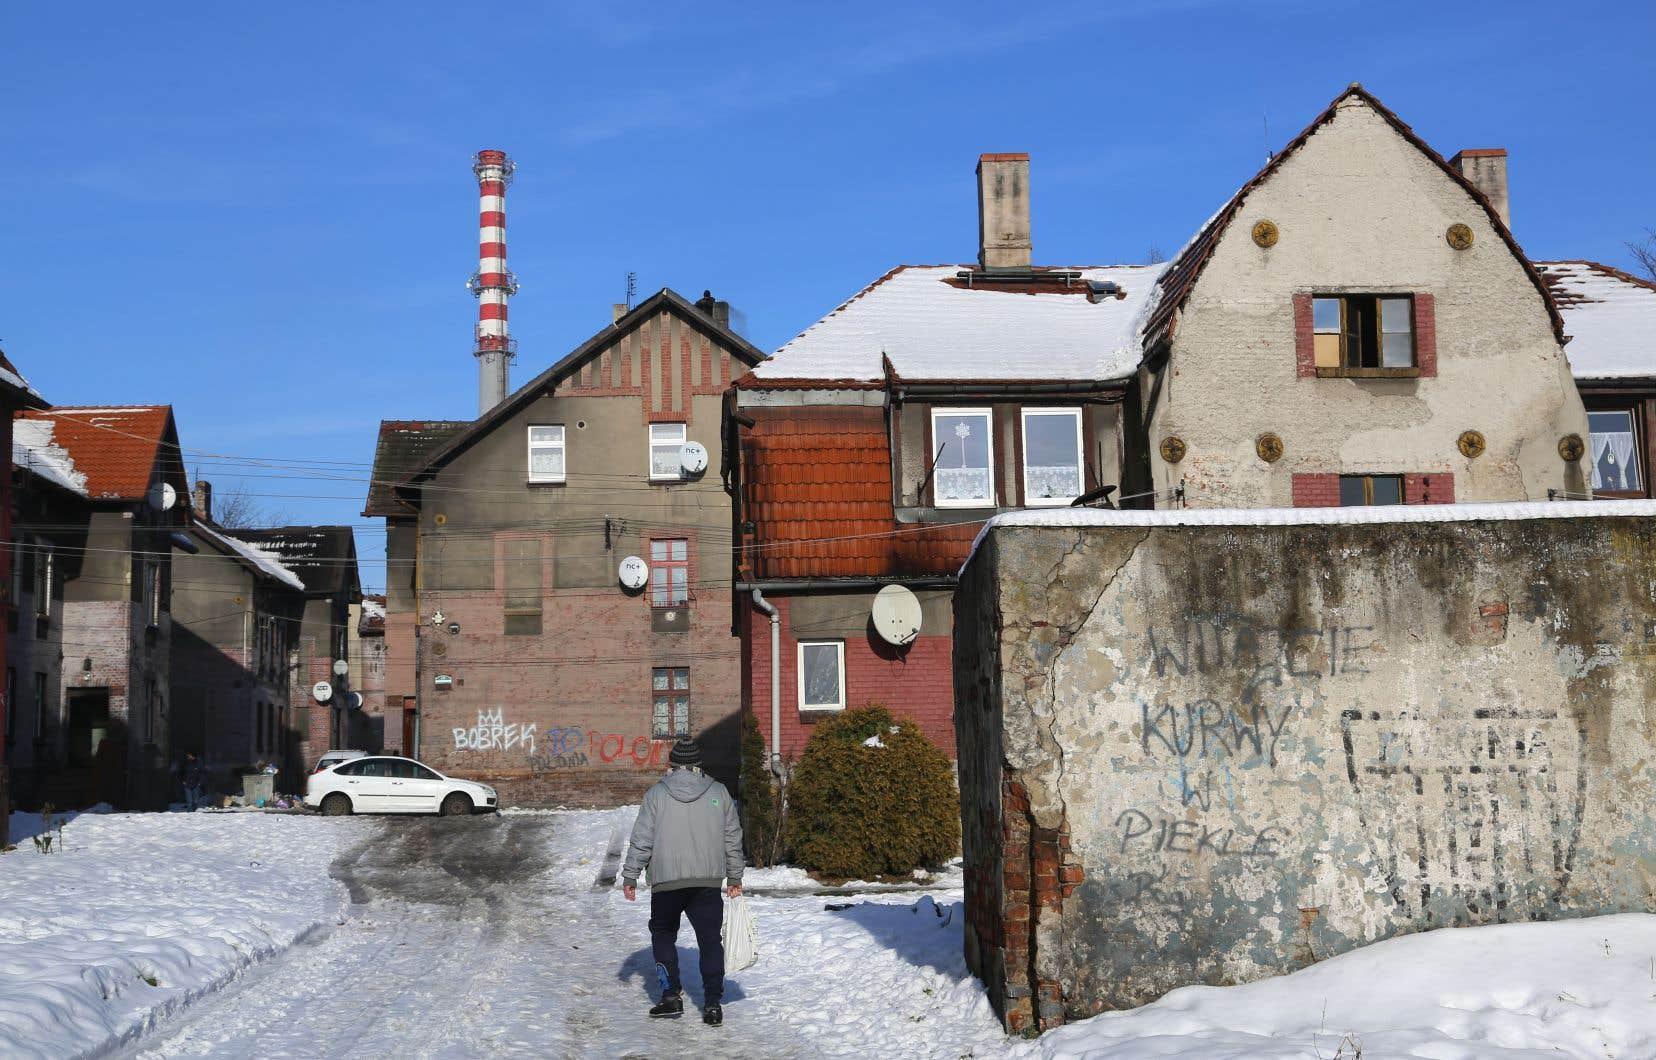 «Bienvenue dans ce foutu enfer!», est-il écrit sur un muret de béton affichant les armoiries défraîchies de la ville polonaise de Bytom.